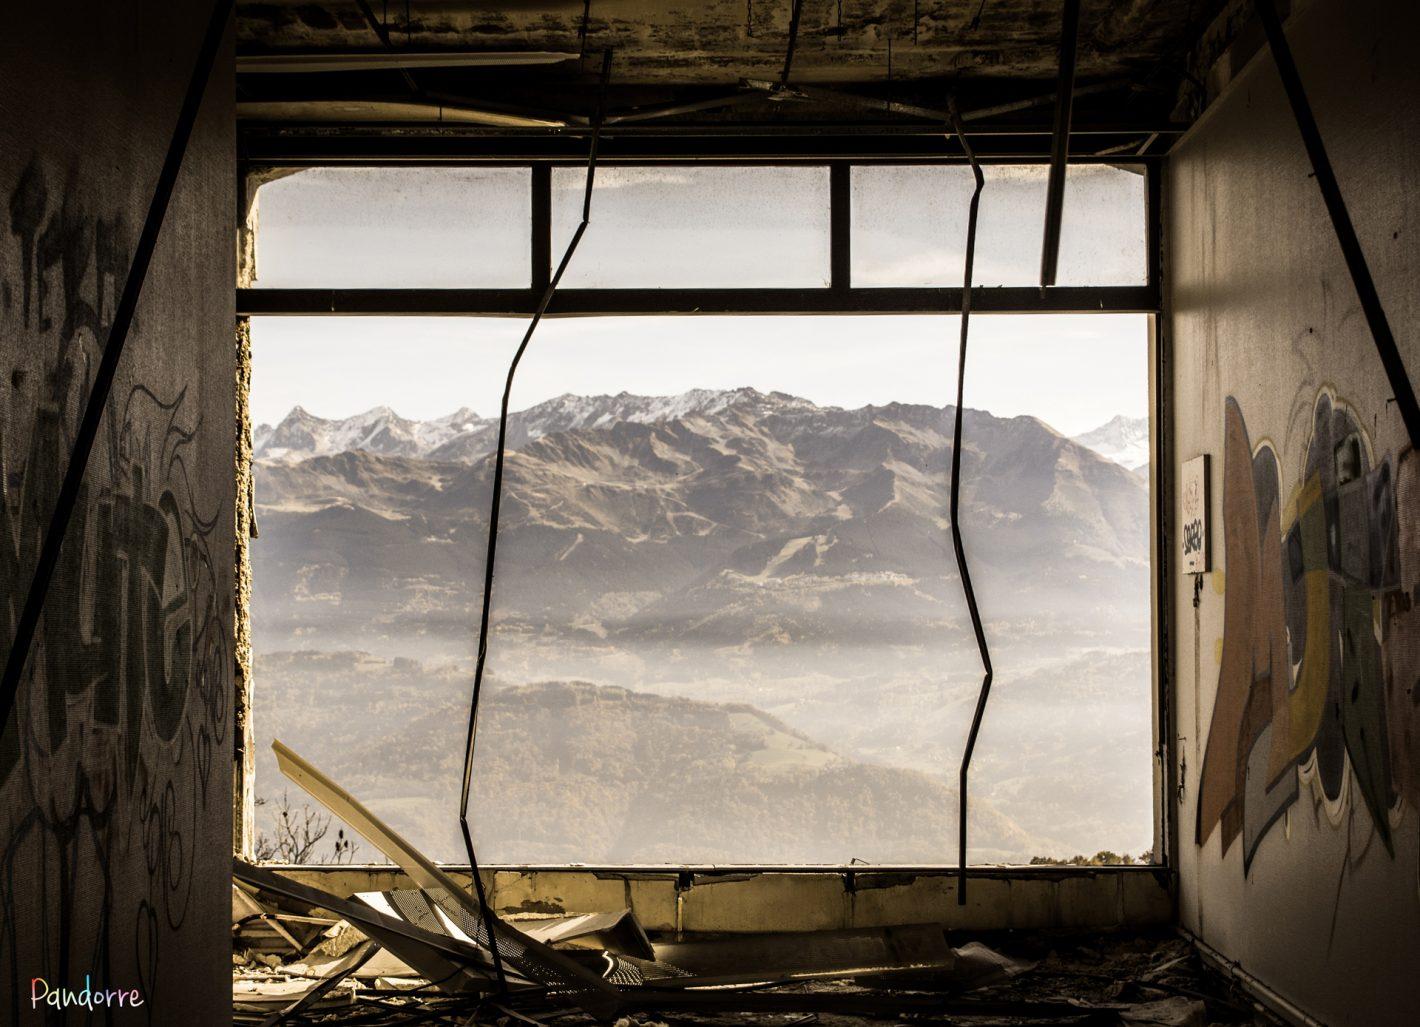 Nikon Voyages Vue sur l'oubli